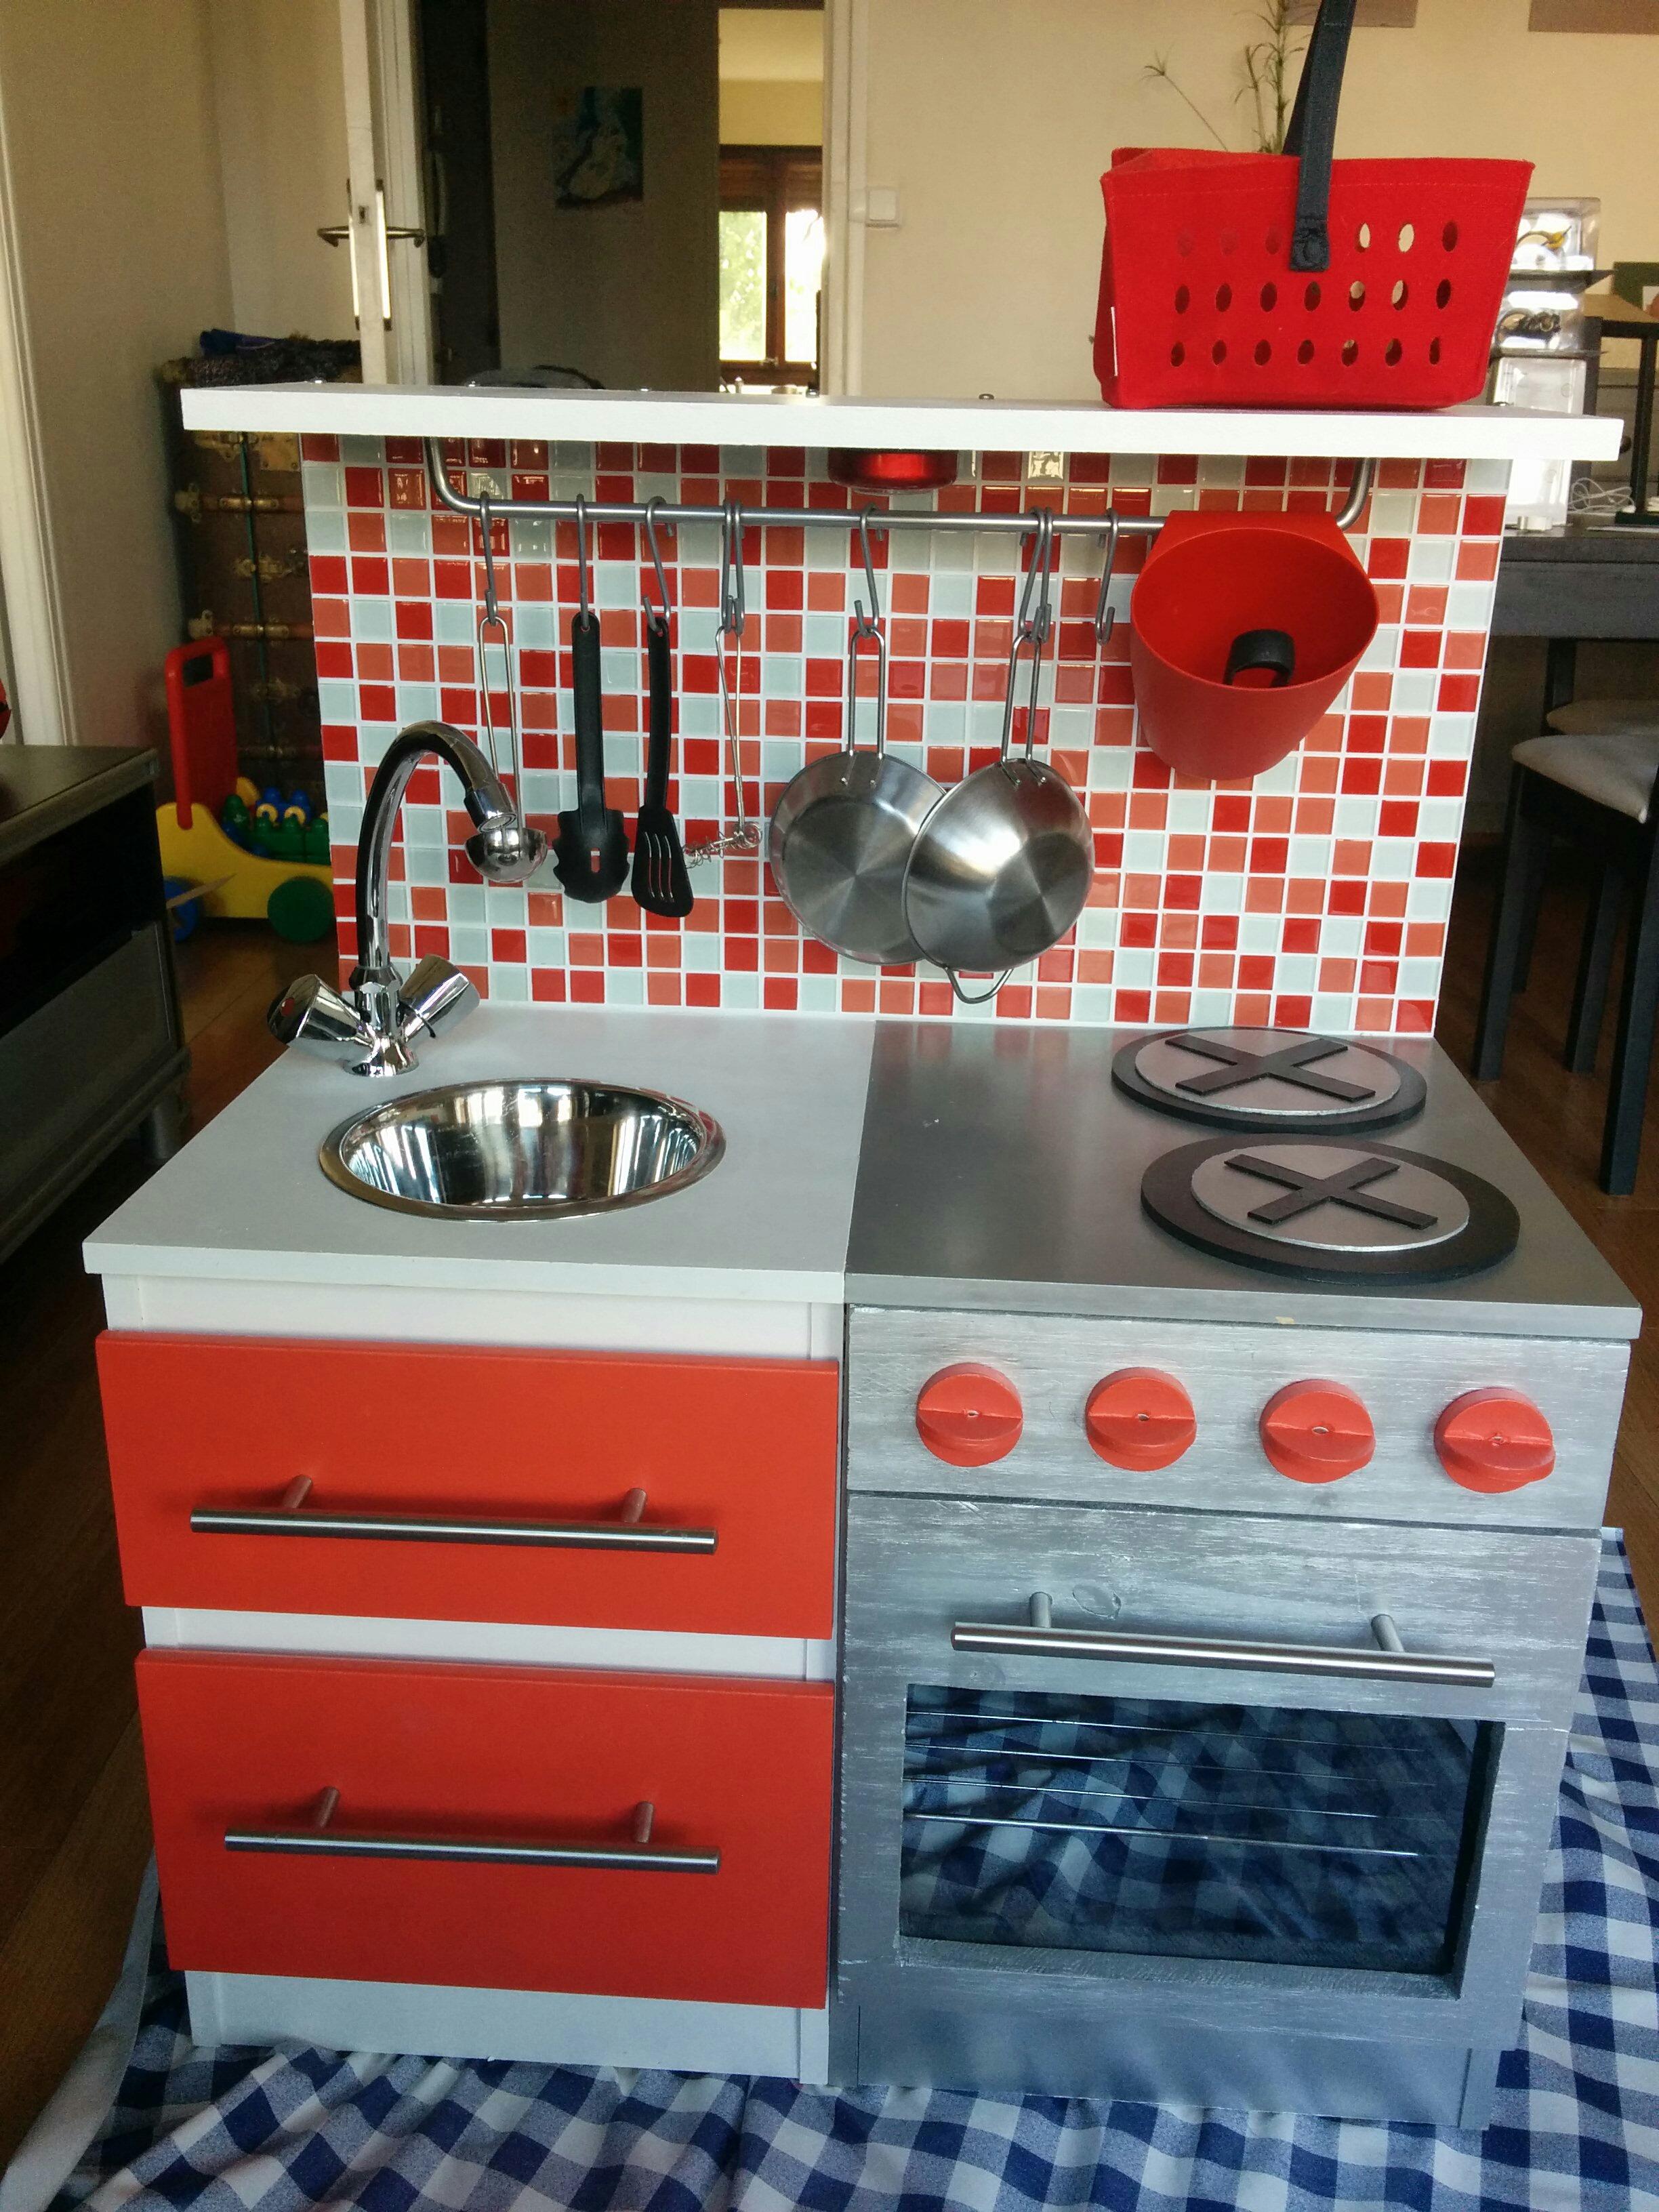 cuisine en bois a faire soi meme maison moderne. Black Bedroom Furniture Sets. Home Design Ideas